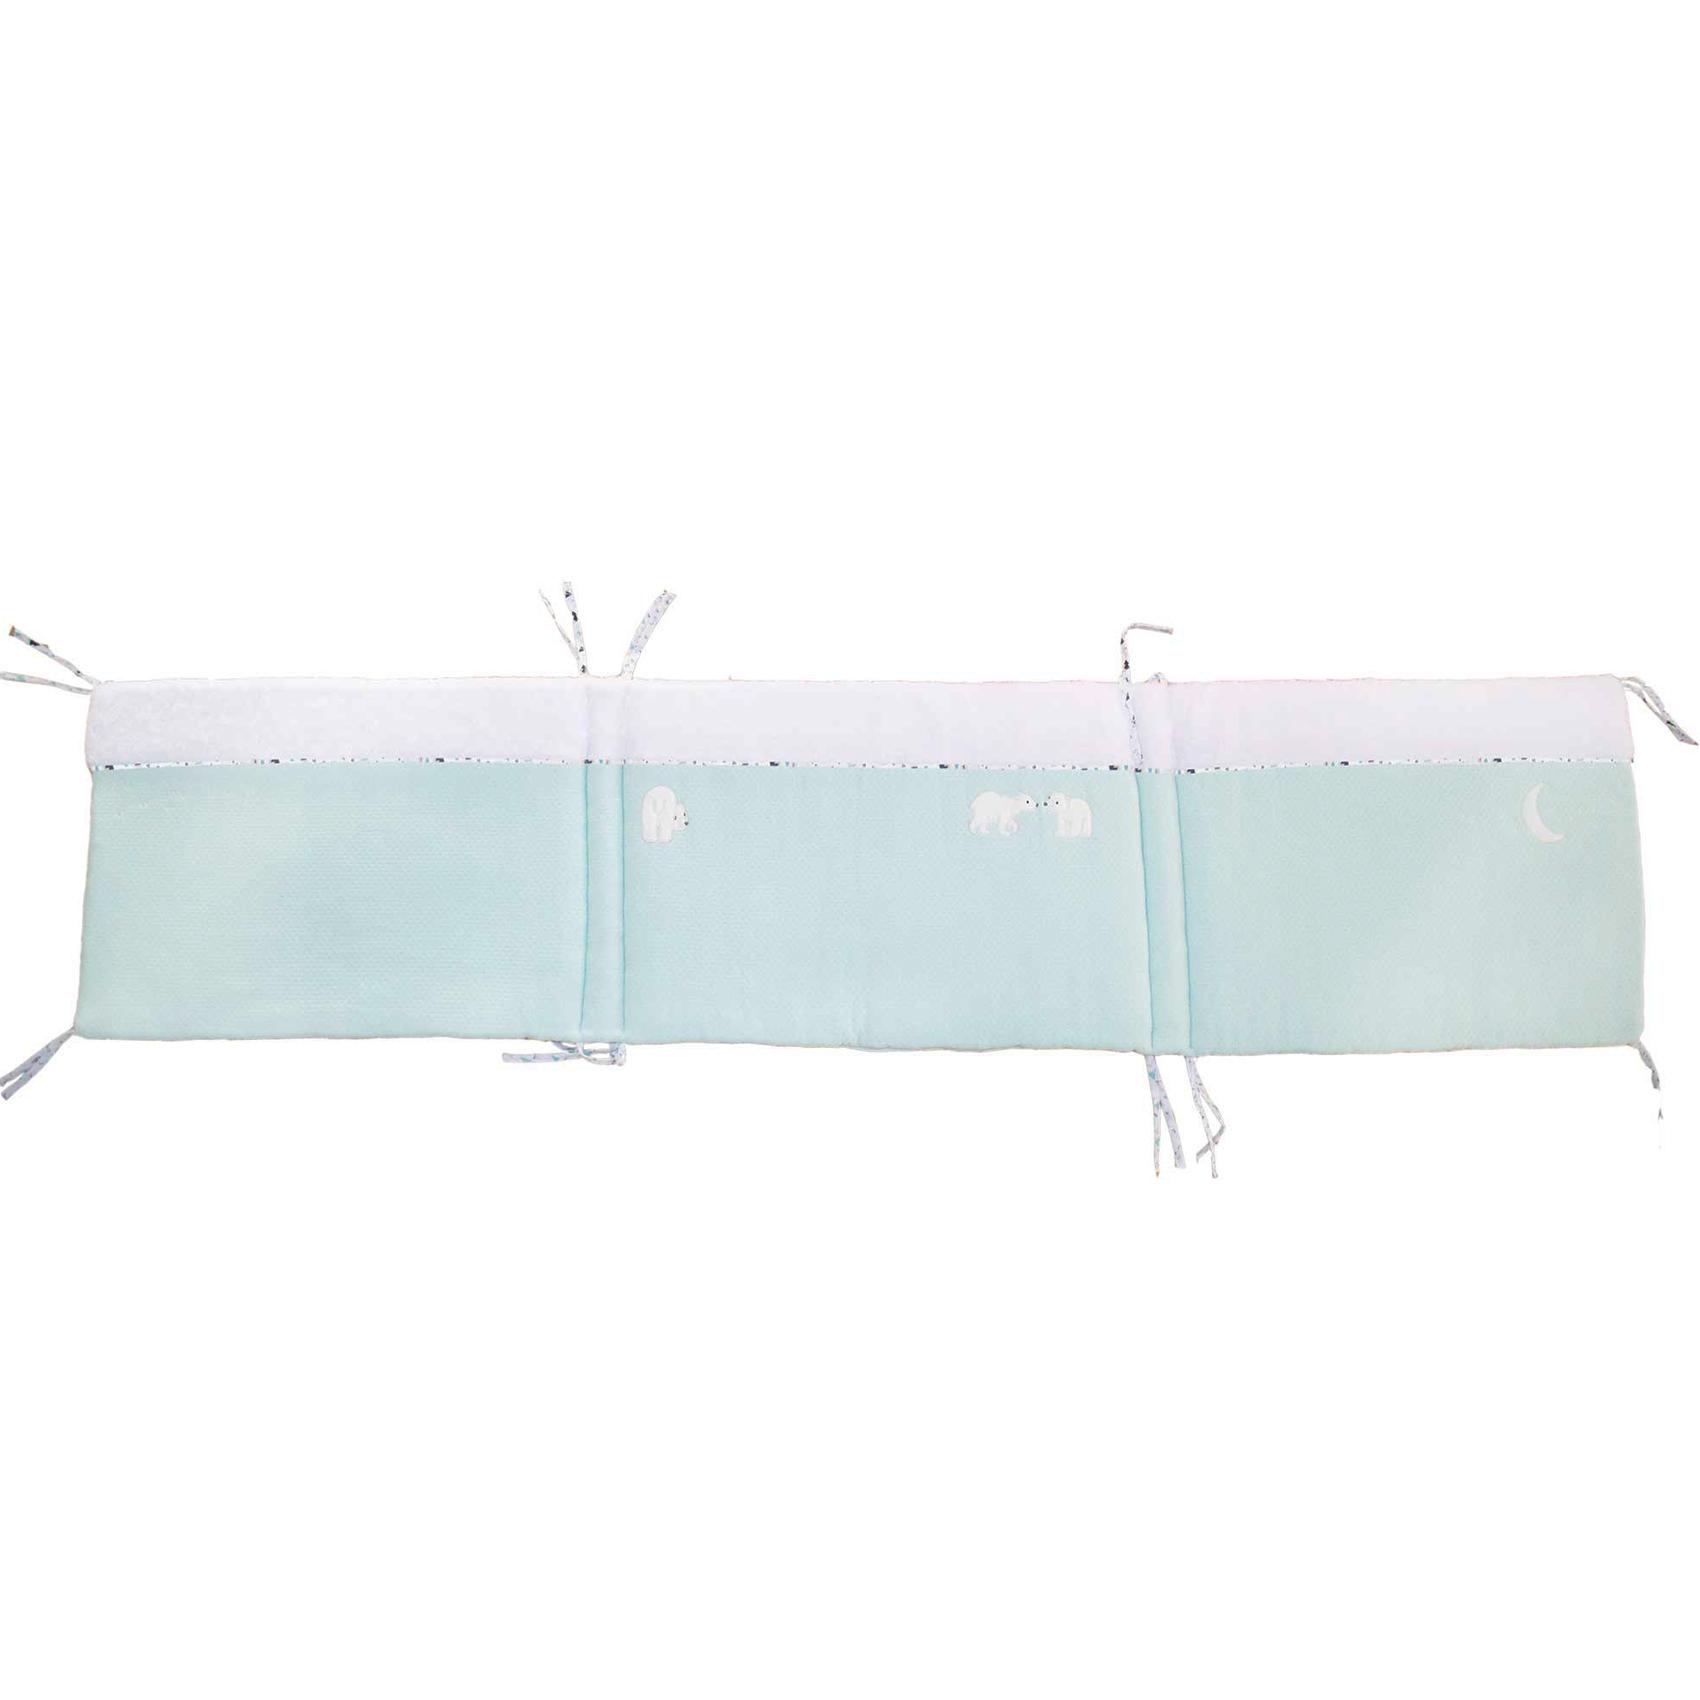 Tour de lit bébé adaptable Boréale Blanc/Aqua 40x180